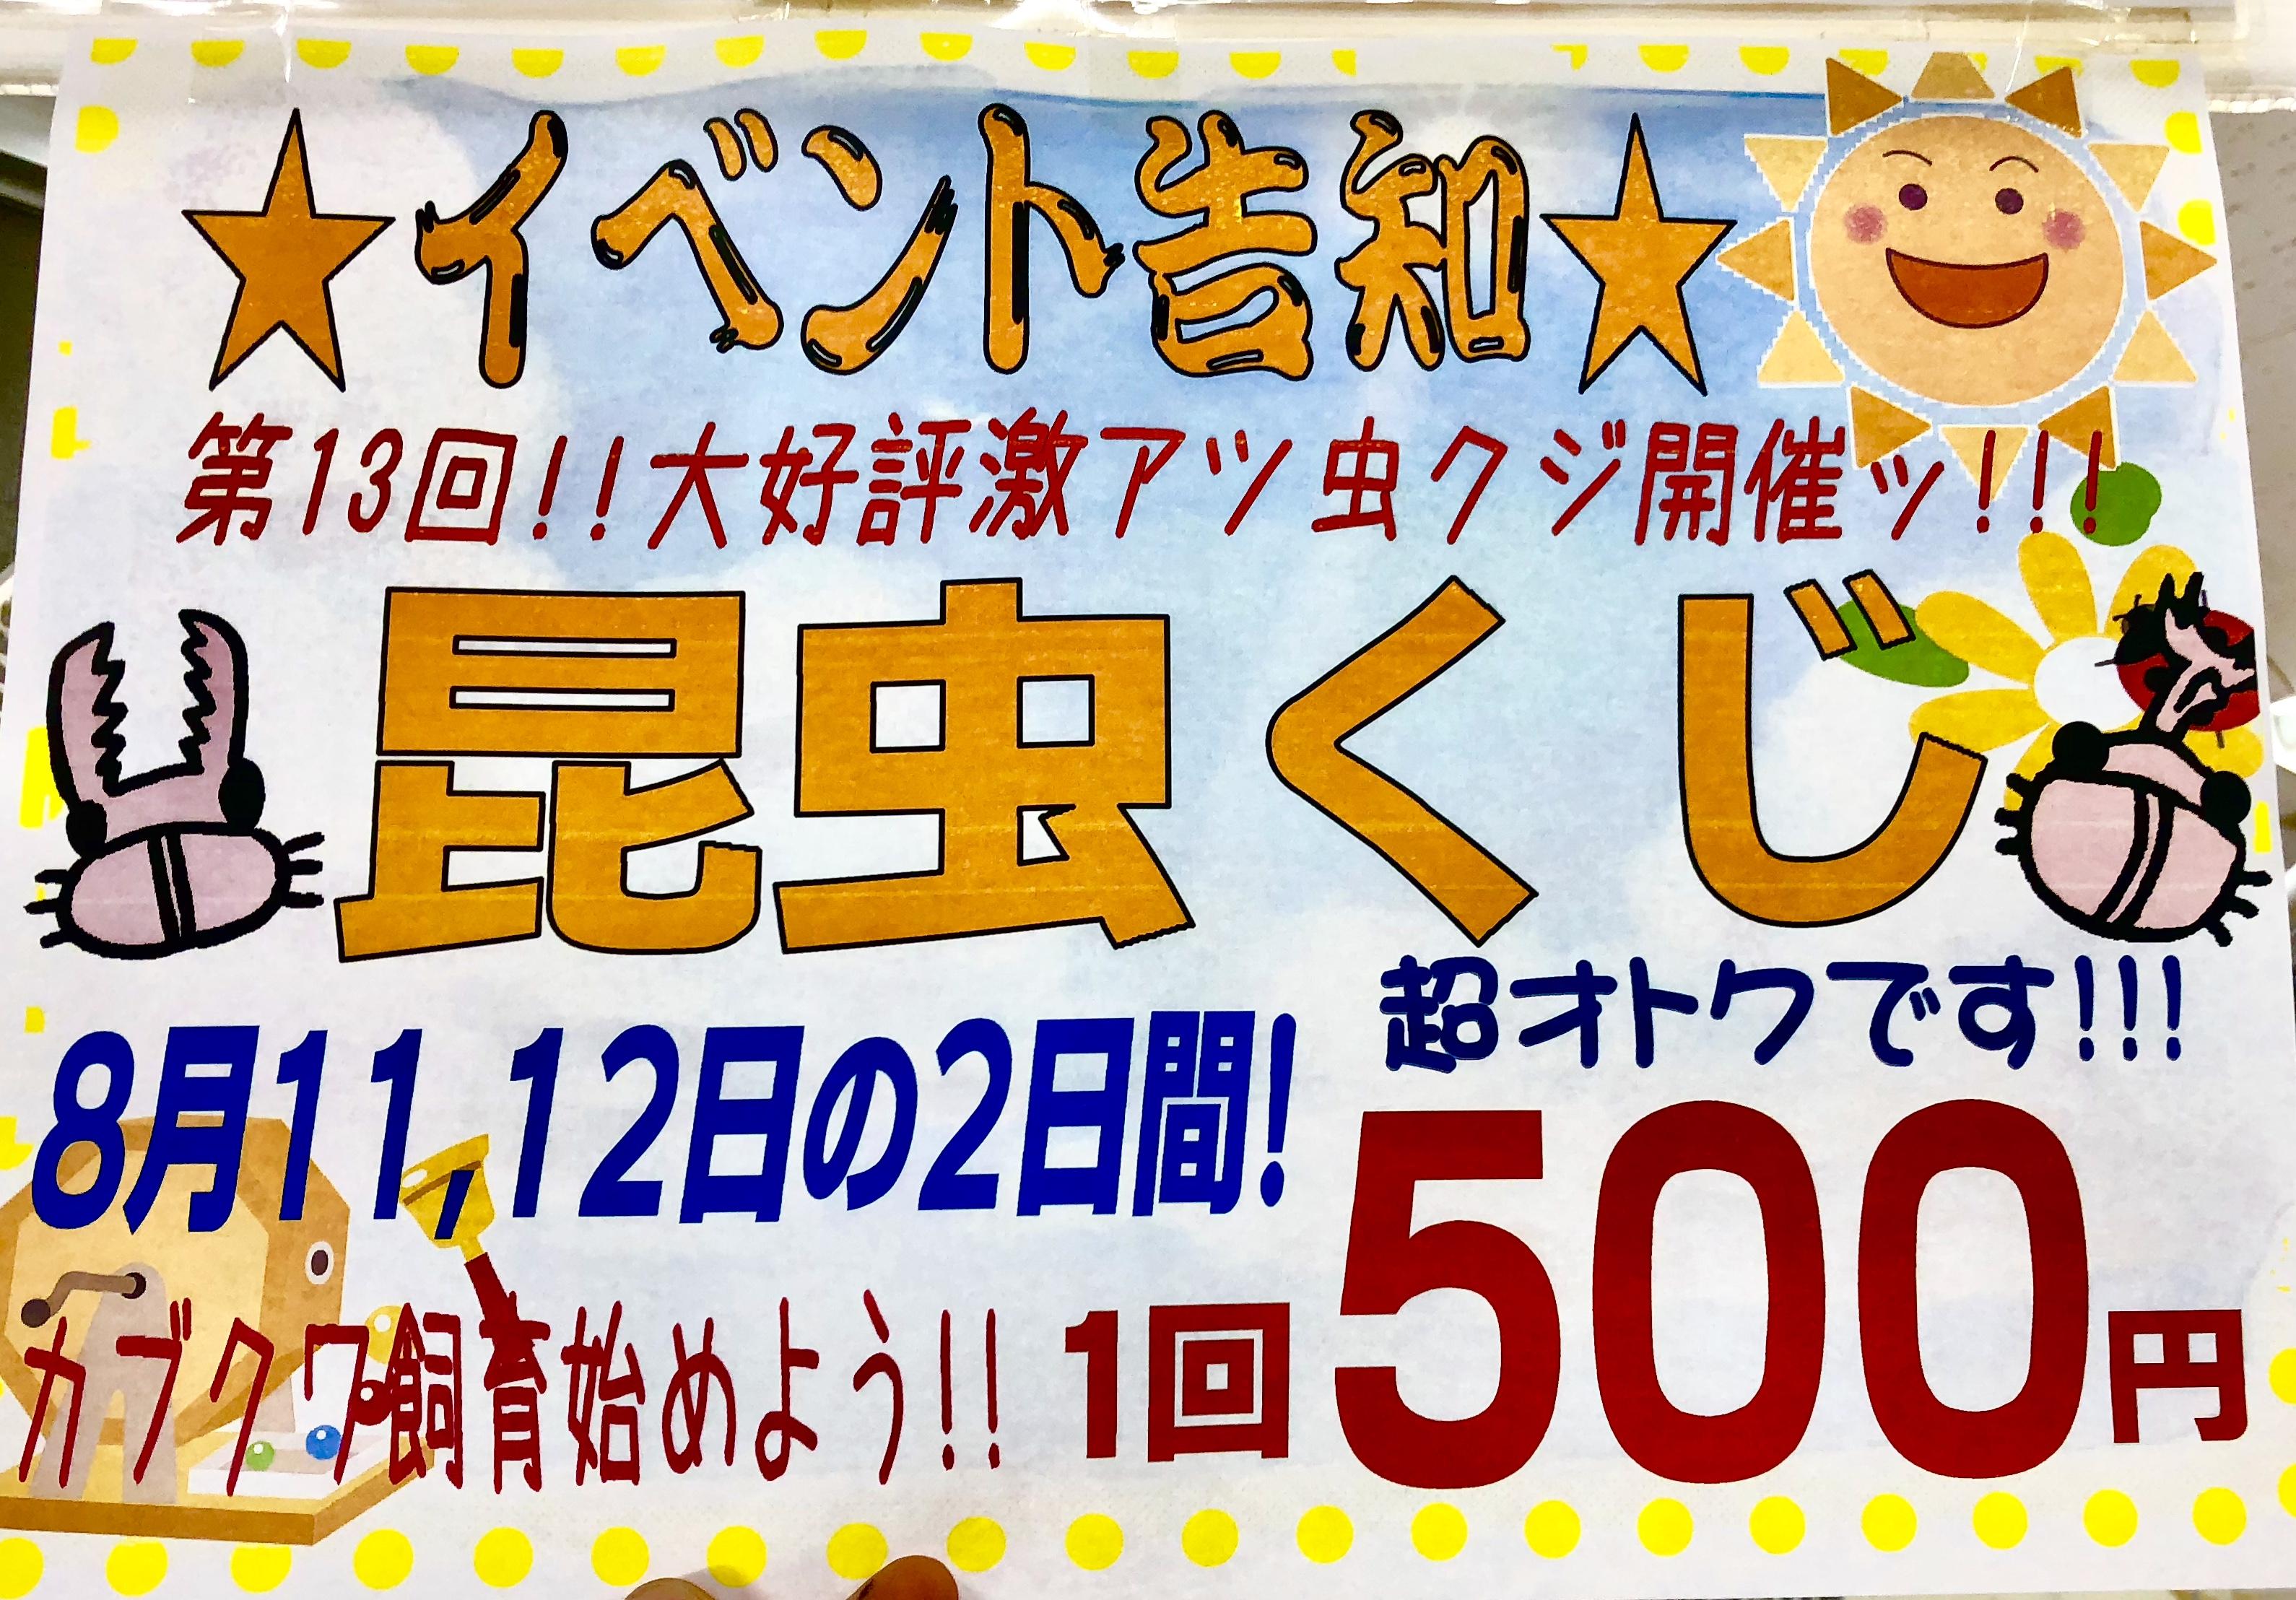 【インター小動物】週末は昆虫クジ!お盆休みオオクワSP☆